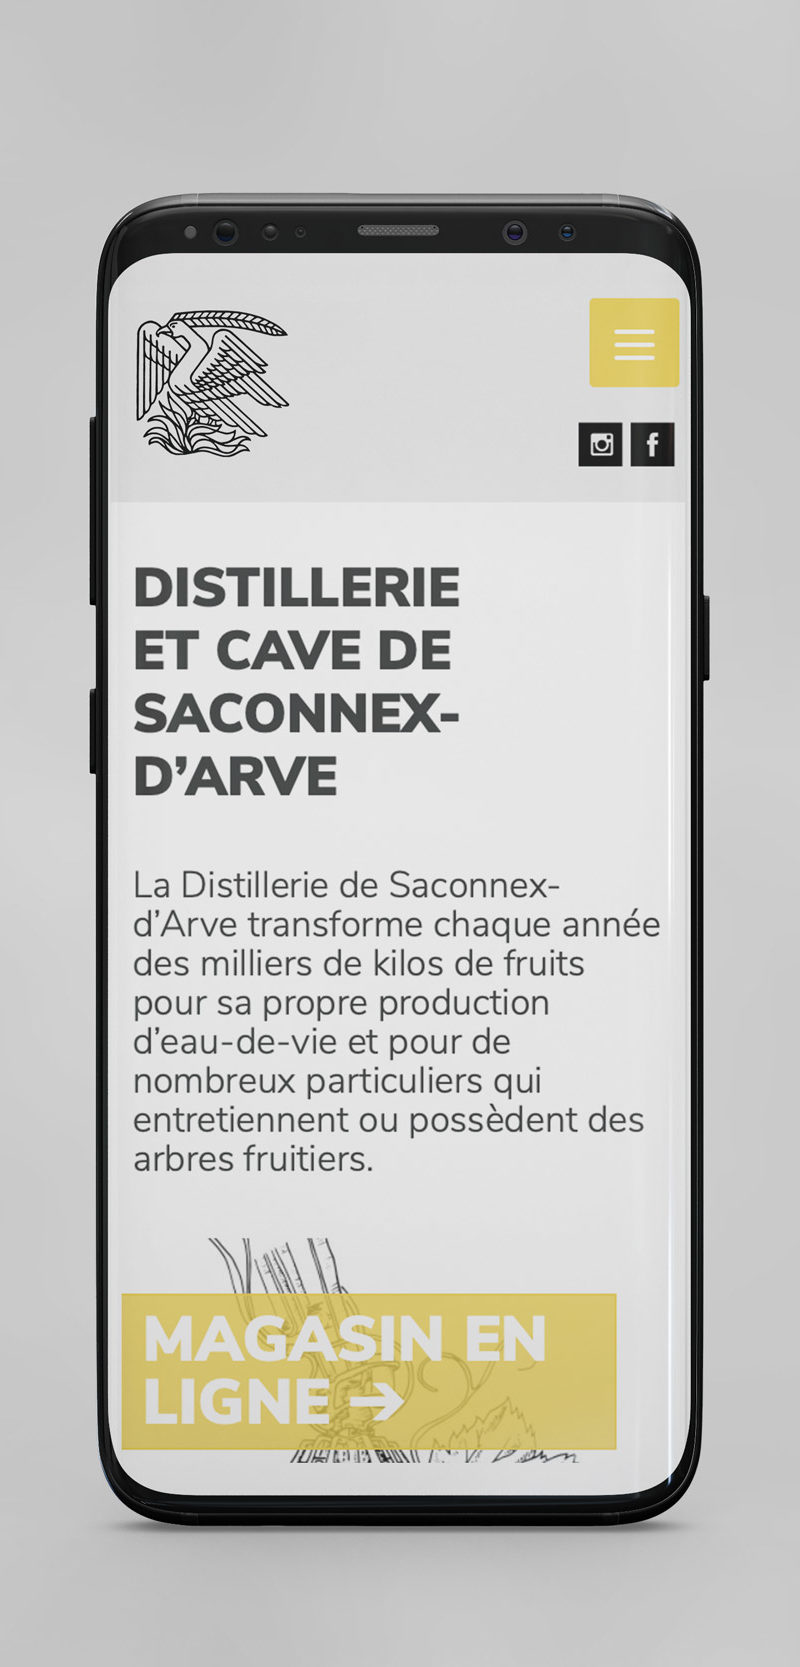 Distillerie Saconnex d'Arve